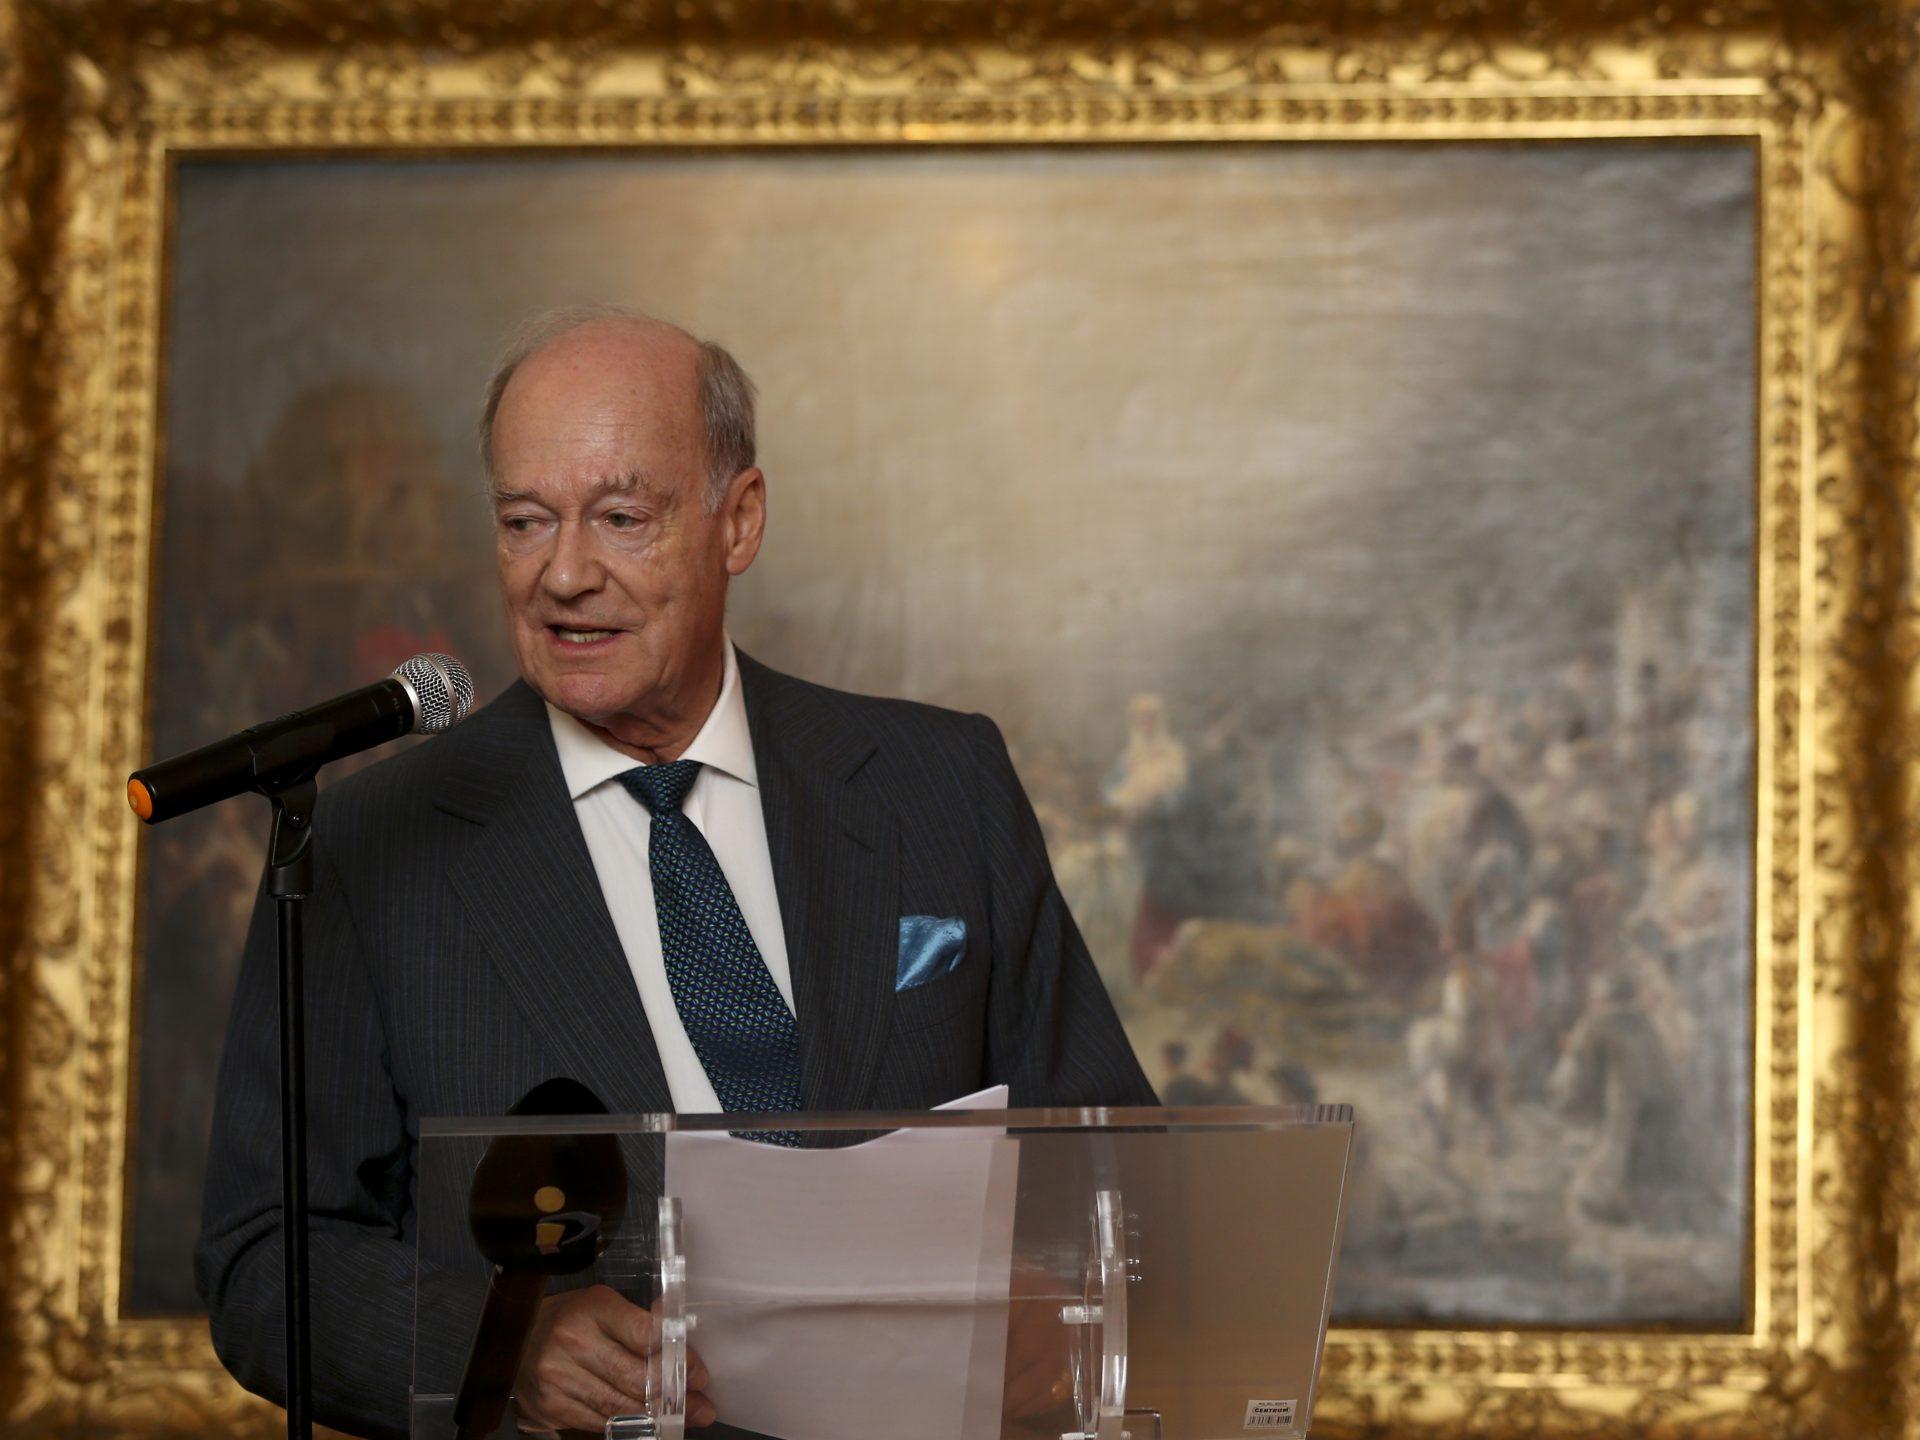 """O Principe Amyn Aga Khan, discursa durante a cerimónia de doação feita pela Fundação Aga Khan ao Museu Nacional de Arte Antiga (MNAA), em Lisboa, para a campanha de aquisição do quadro de Domingos Sequeira """"Adoração dos Magos"""", no Museu Nacional de Arte Antiga, em Lisboa 16 março 2016. MANUEL DE ALMEIDA / LUSA"""